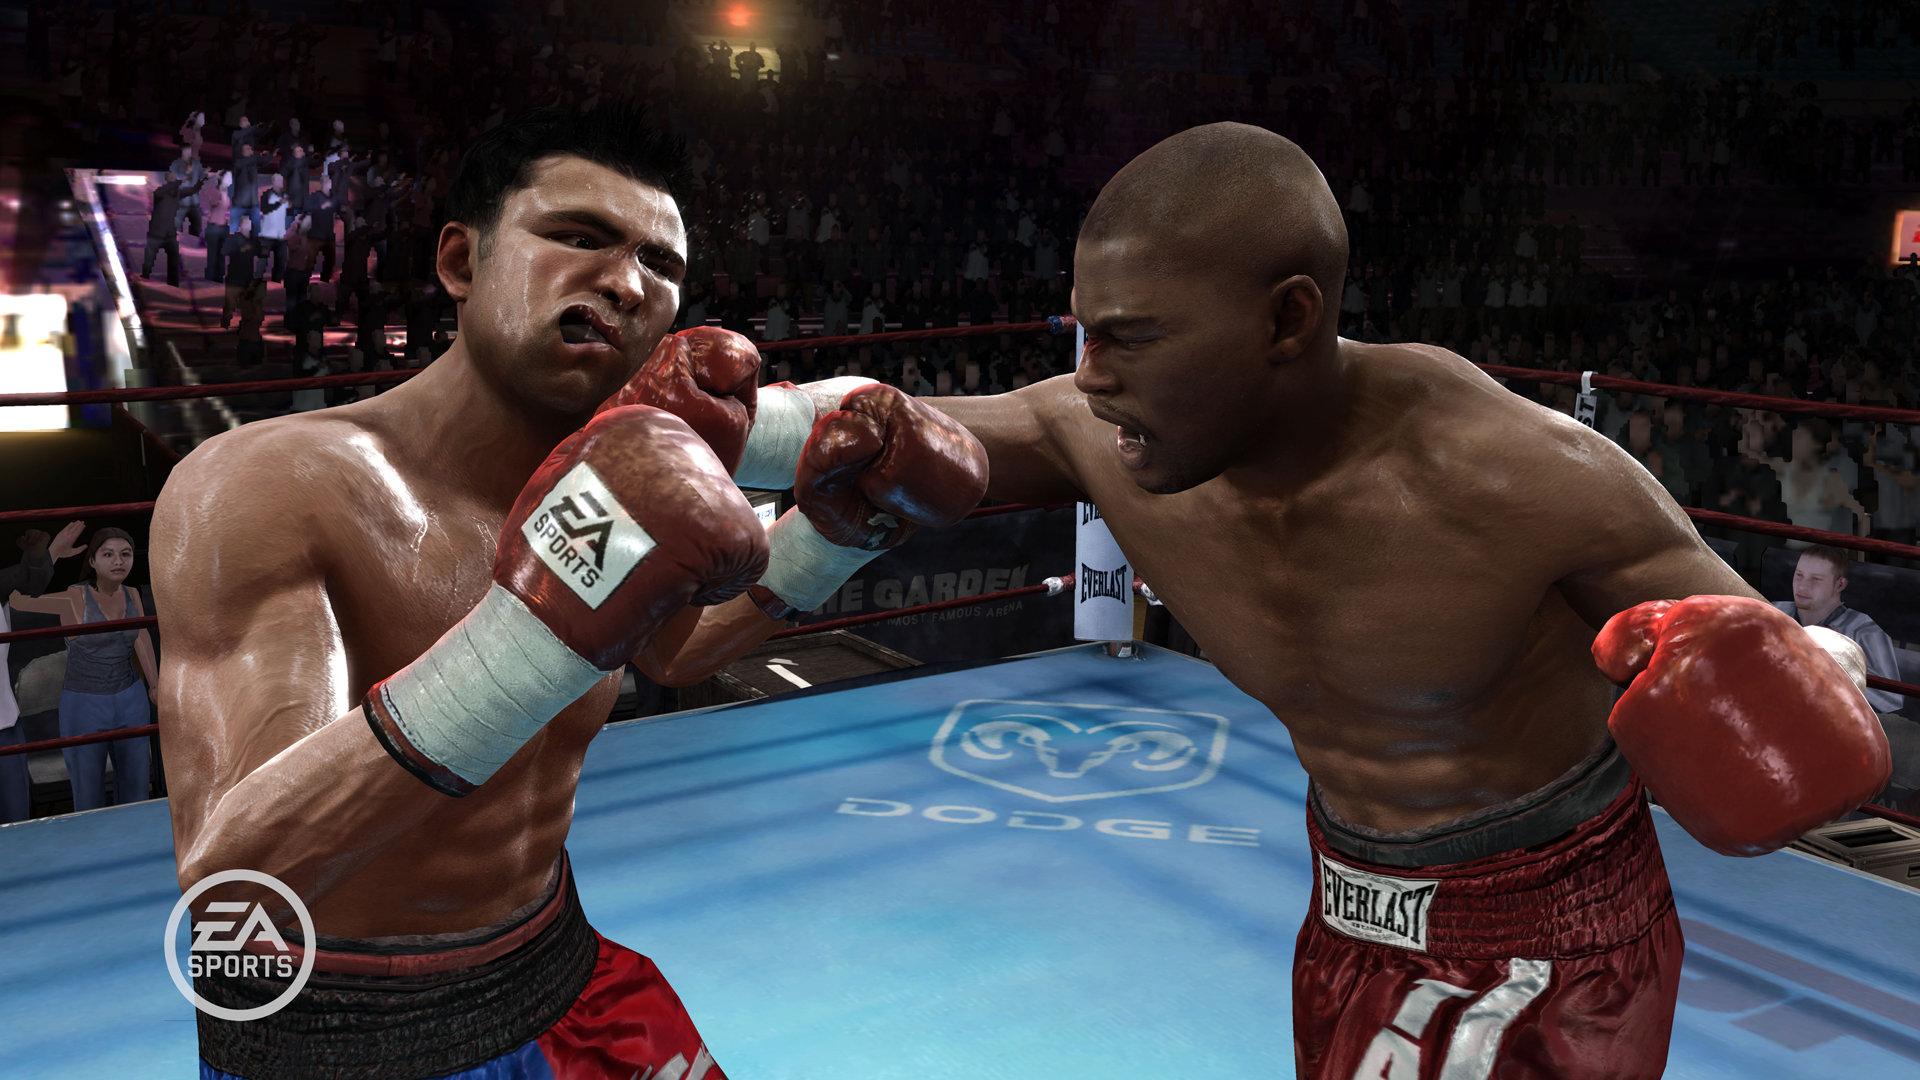 Fight Night Round 3 - Sound Designer, EA Sports